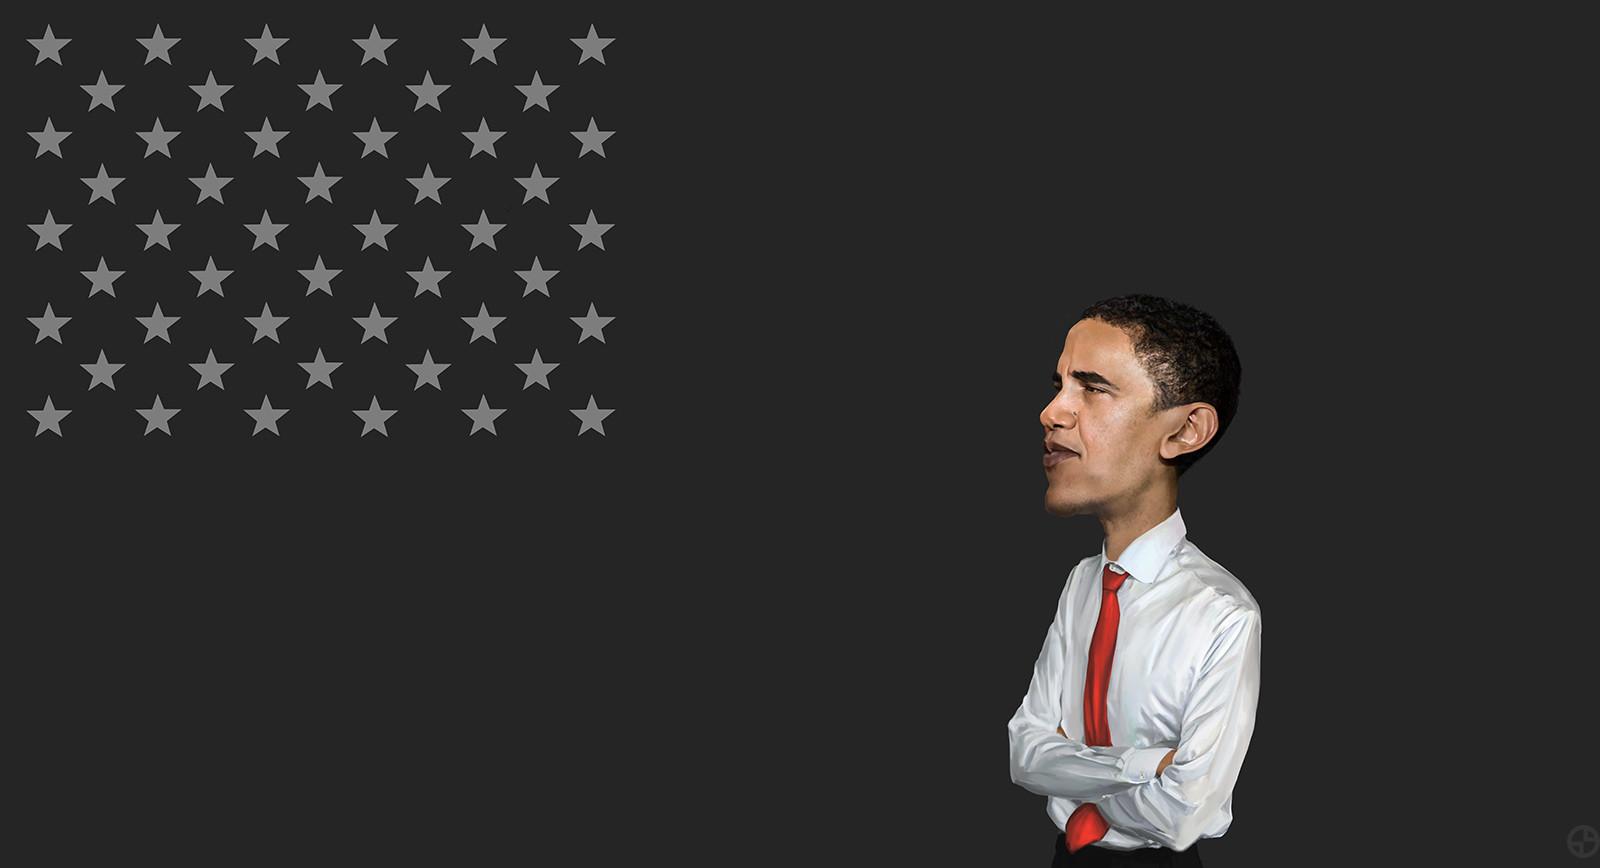 Gonzalo golpe obama gonzalo golpe